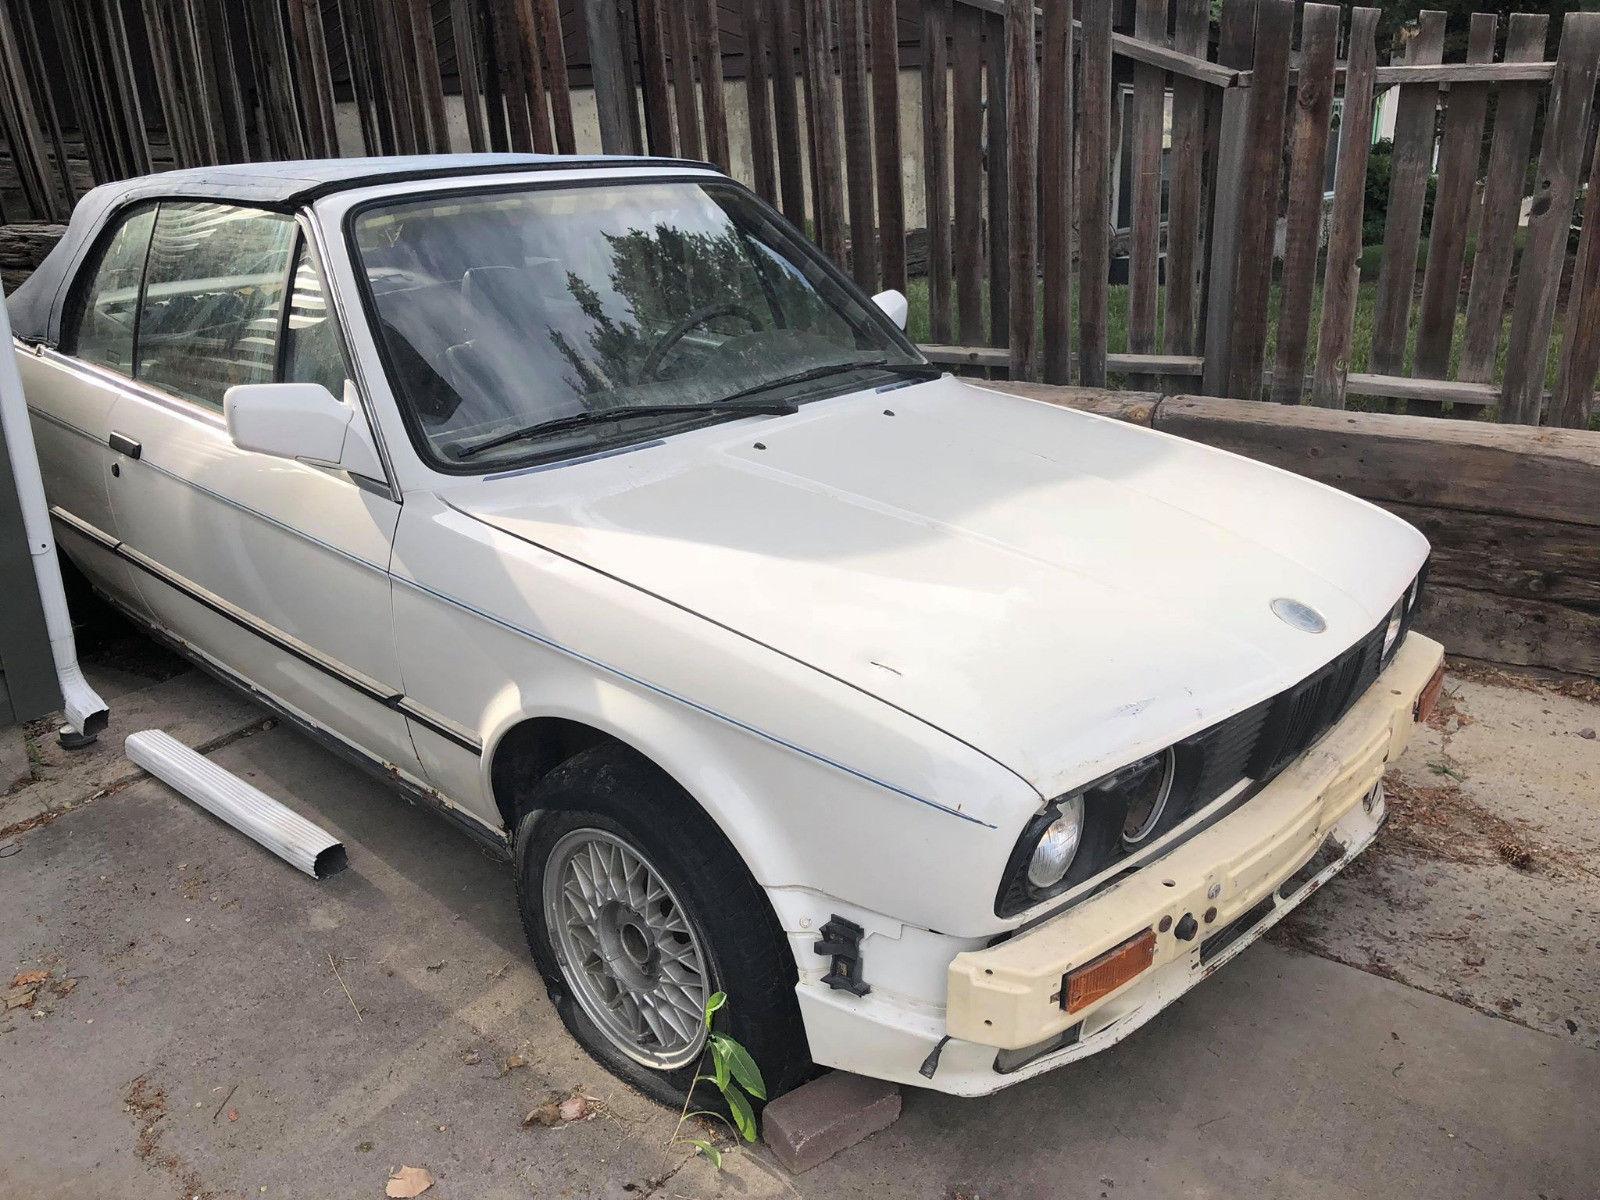 1992 bmw 3 series cabrio 1992 bmw e30 325i convertible cabrio 2018 2019 mycarboard com 1992 bmw 3 series cabrio 1992 bmw e30